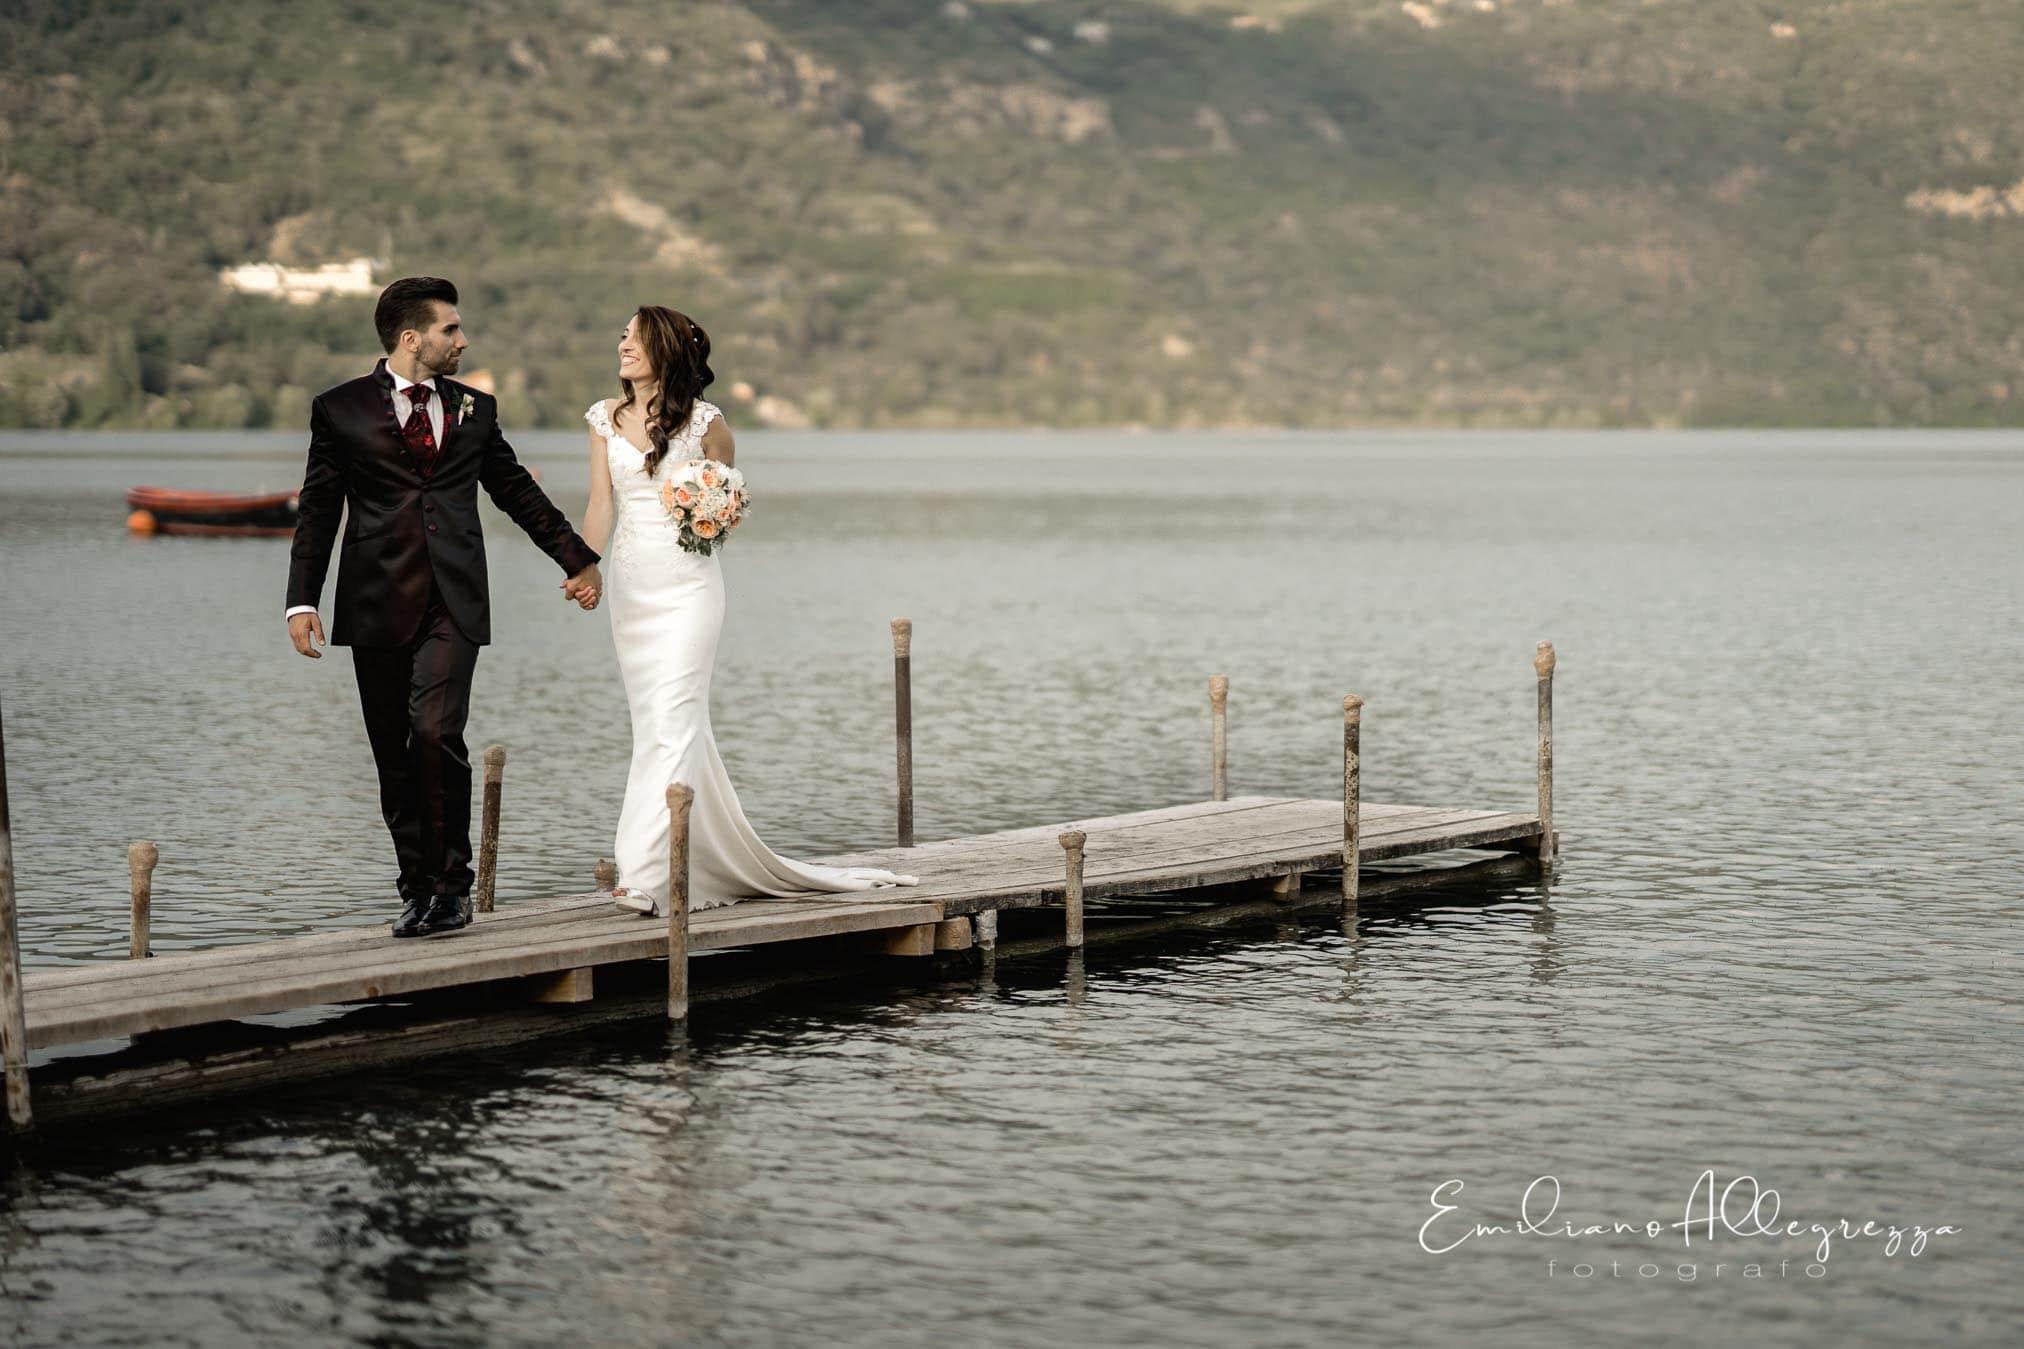 miglior fotografo di matrimoni a Roma